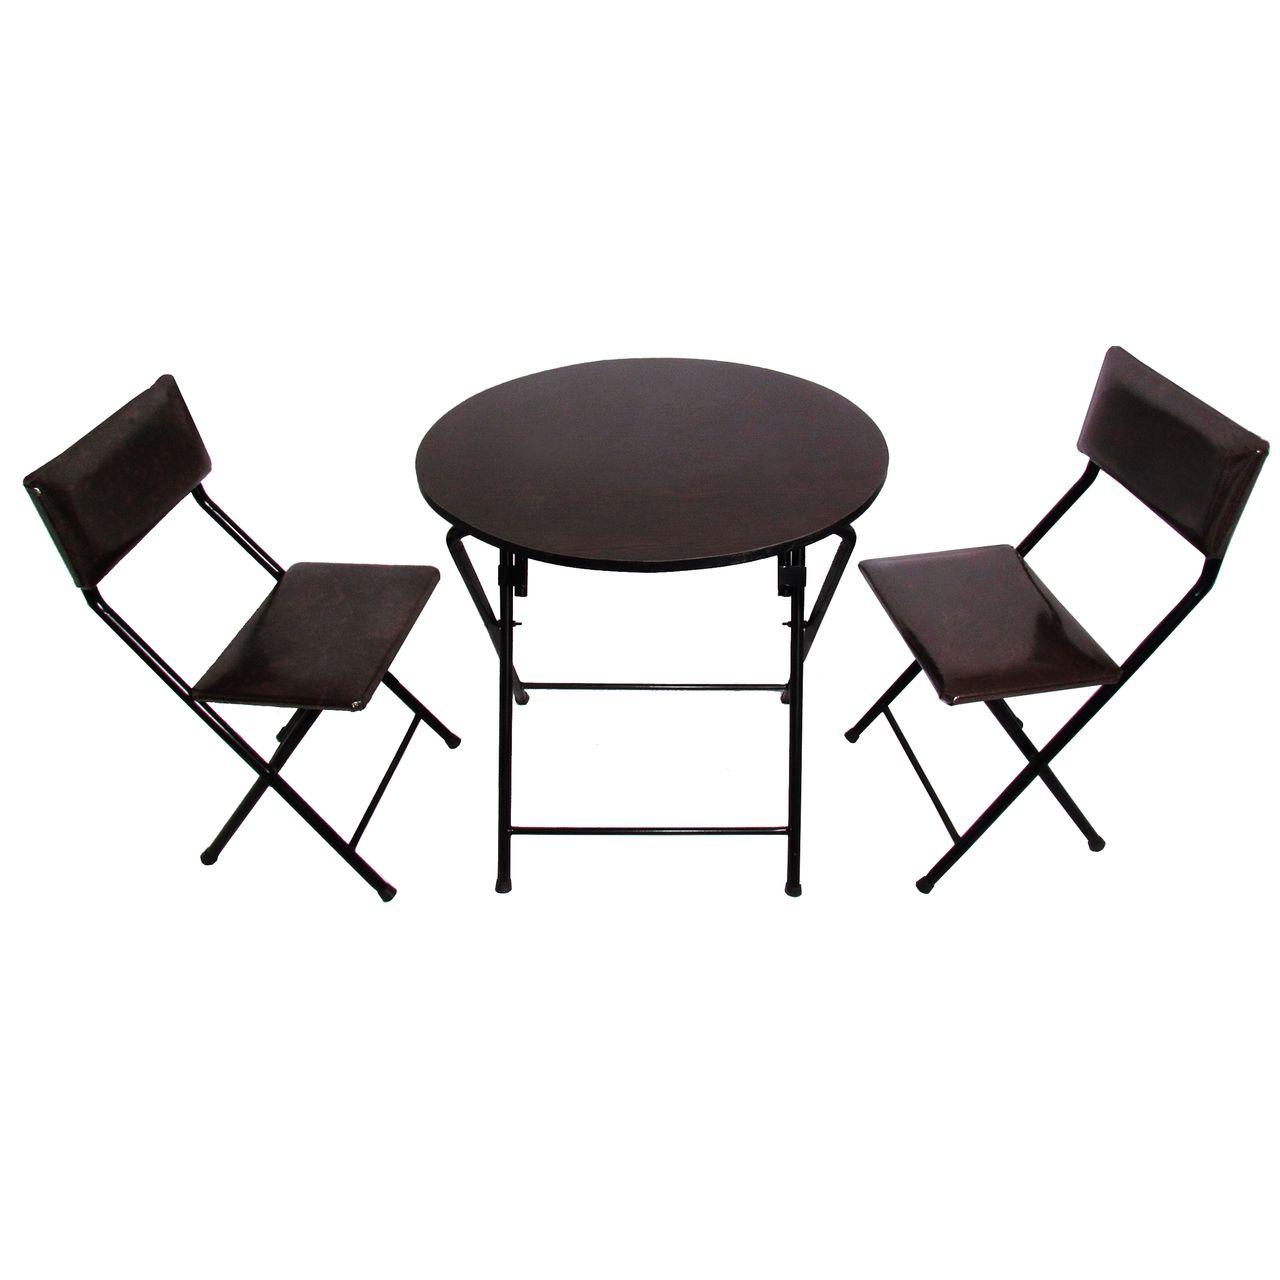 میز و صندلی ناهارخوری میزیمو مدل تاشو کد 5602